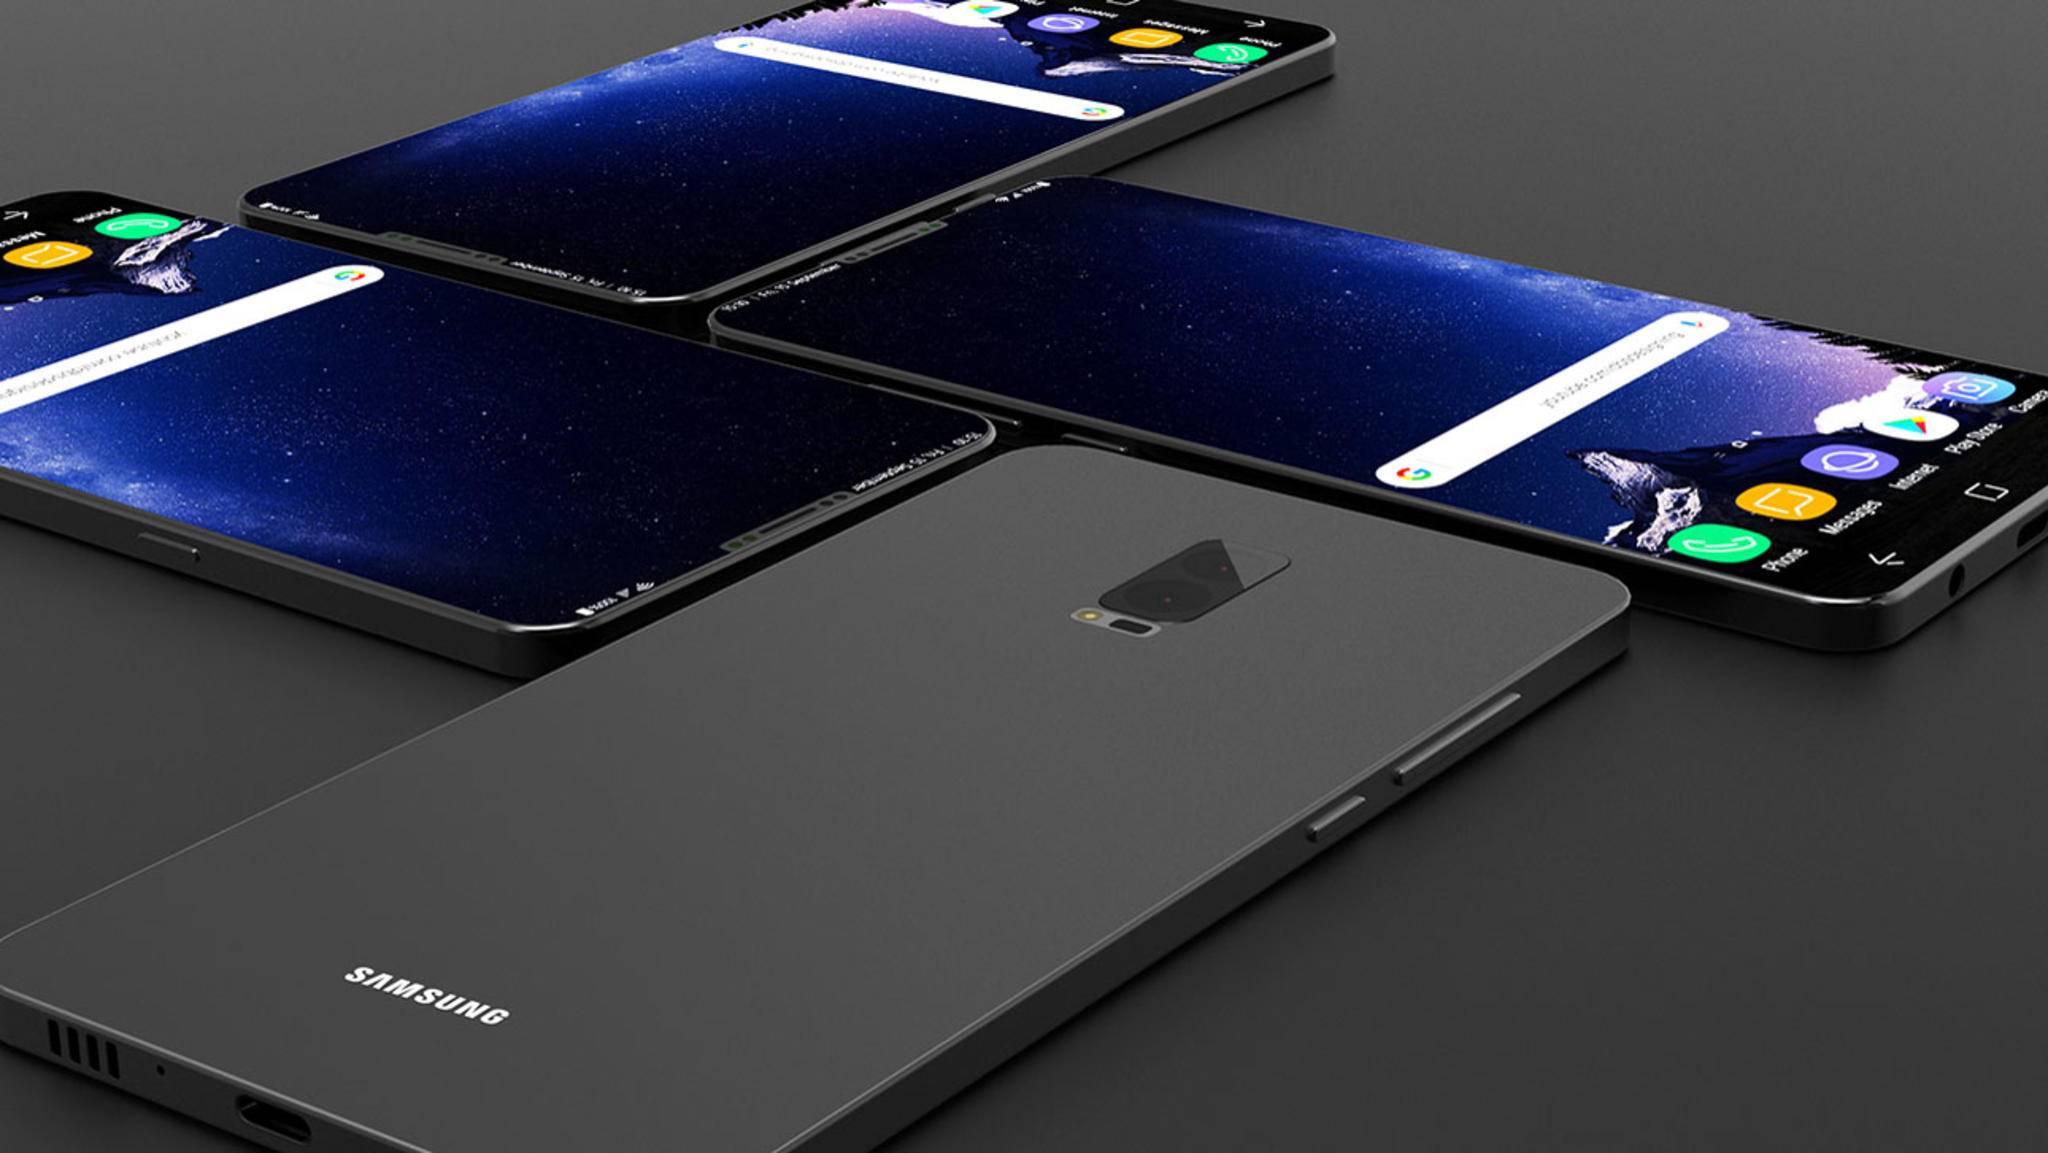 Wird das Galaxy S9 einen Fingerabdrucksensor auf der Front besitzen?